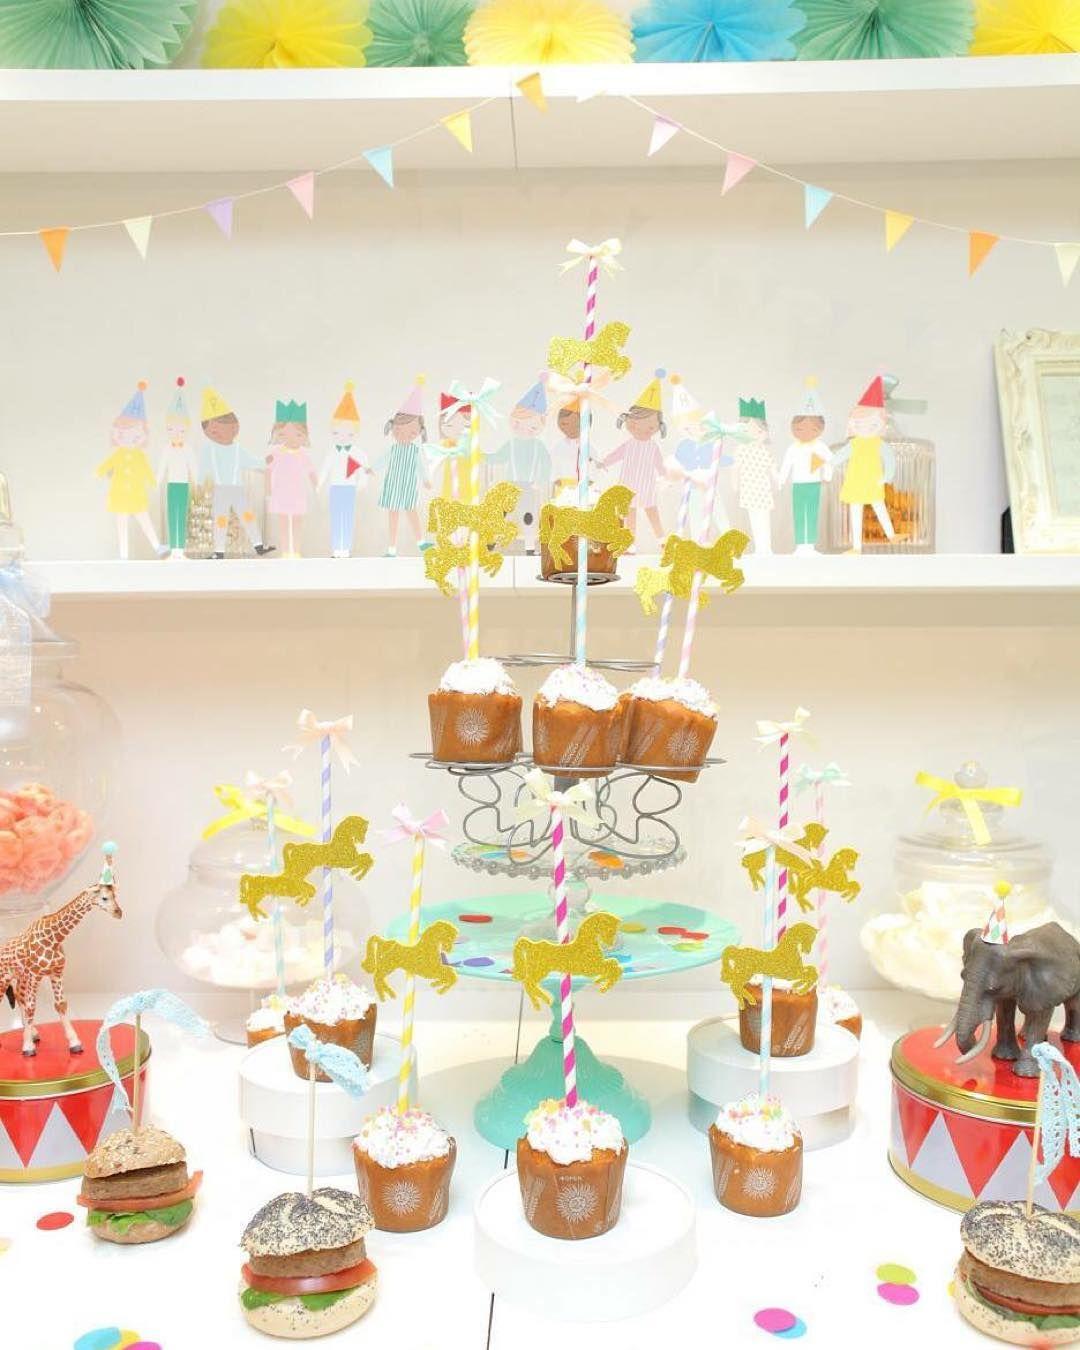 Yuki On Instagram サーカスパーティースタイリング Foodスタイリングをブログにupしました サーカス パーティー パーティー 飾り付け 誕生日 パーティー